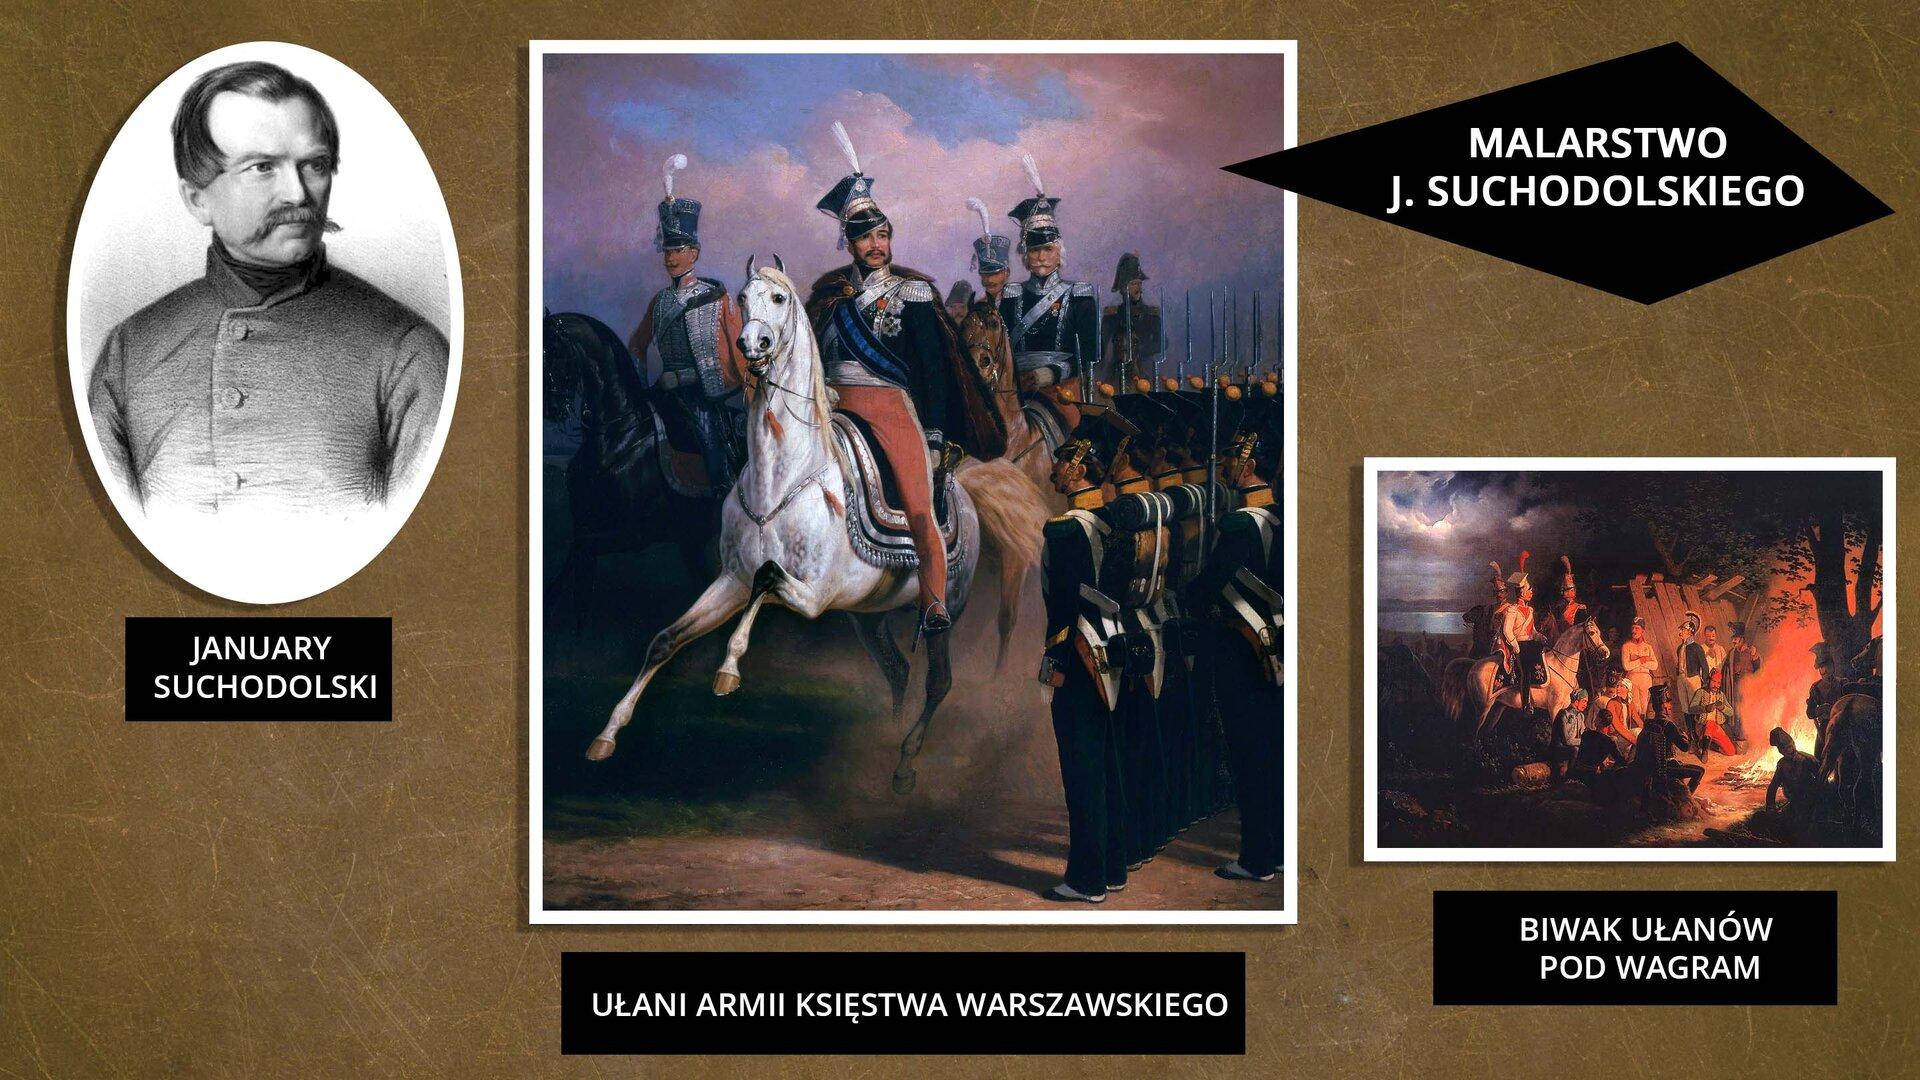 """Grafika przedstawia trzy zdjęcia opatrzone tytułem: """"MALARSTWO JANUAREGO SUCHODOLSKIEGO"""". Pierwsze zdjęcie od lewej jest owalne. Przedstawia mężczyznę zzaczesanymi za ucho włosami idługimi wąsami. Fotografia jest czarno-biała. Pod zdjęciem znajduje się napis – January Suchodolski. Zdjęcie drugie przedstawia żołnierzy na koniach wgalowych strojach. Wcentrum zdjęcia znajduje się żołnierz na białym koniu, wczerwonych spodniach zlampasami, zjasnoniebieską szarfą na piersi. Jest ubrany wczapkę rogatywkę zbiałym pióropuszem. Pod zdjęciem znajduje się napis: """"UŁANI ARMII KSIĘSTWA WARSZAWSKIEGO"""". Trzecie zdjęcie wprawym dolnym rogu przedstawia żołnierzy siedzących przy ognisku, aktórymi stoją konie. Pod zdjęciem znajduje się napis """"BIWAK UŁANÓW POD WAGRAM""""."""